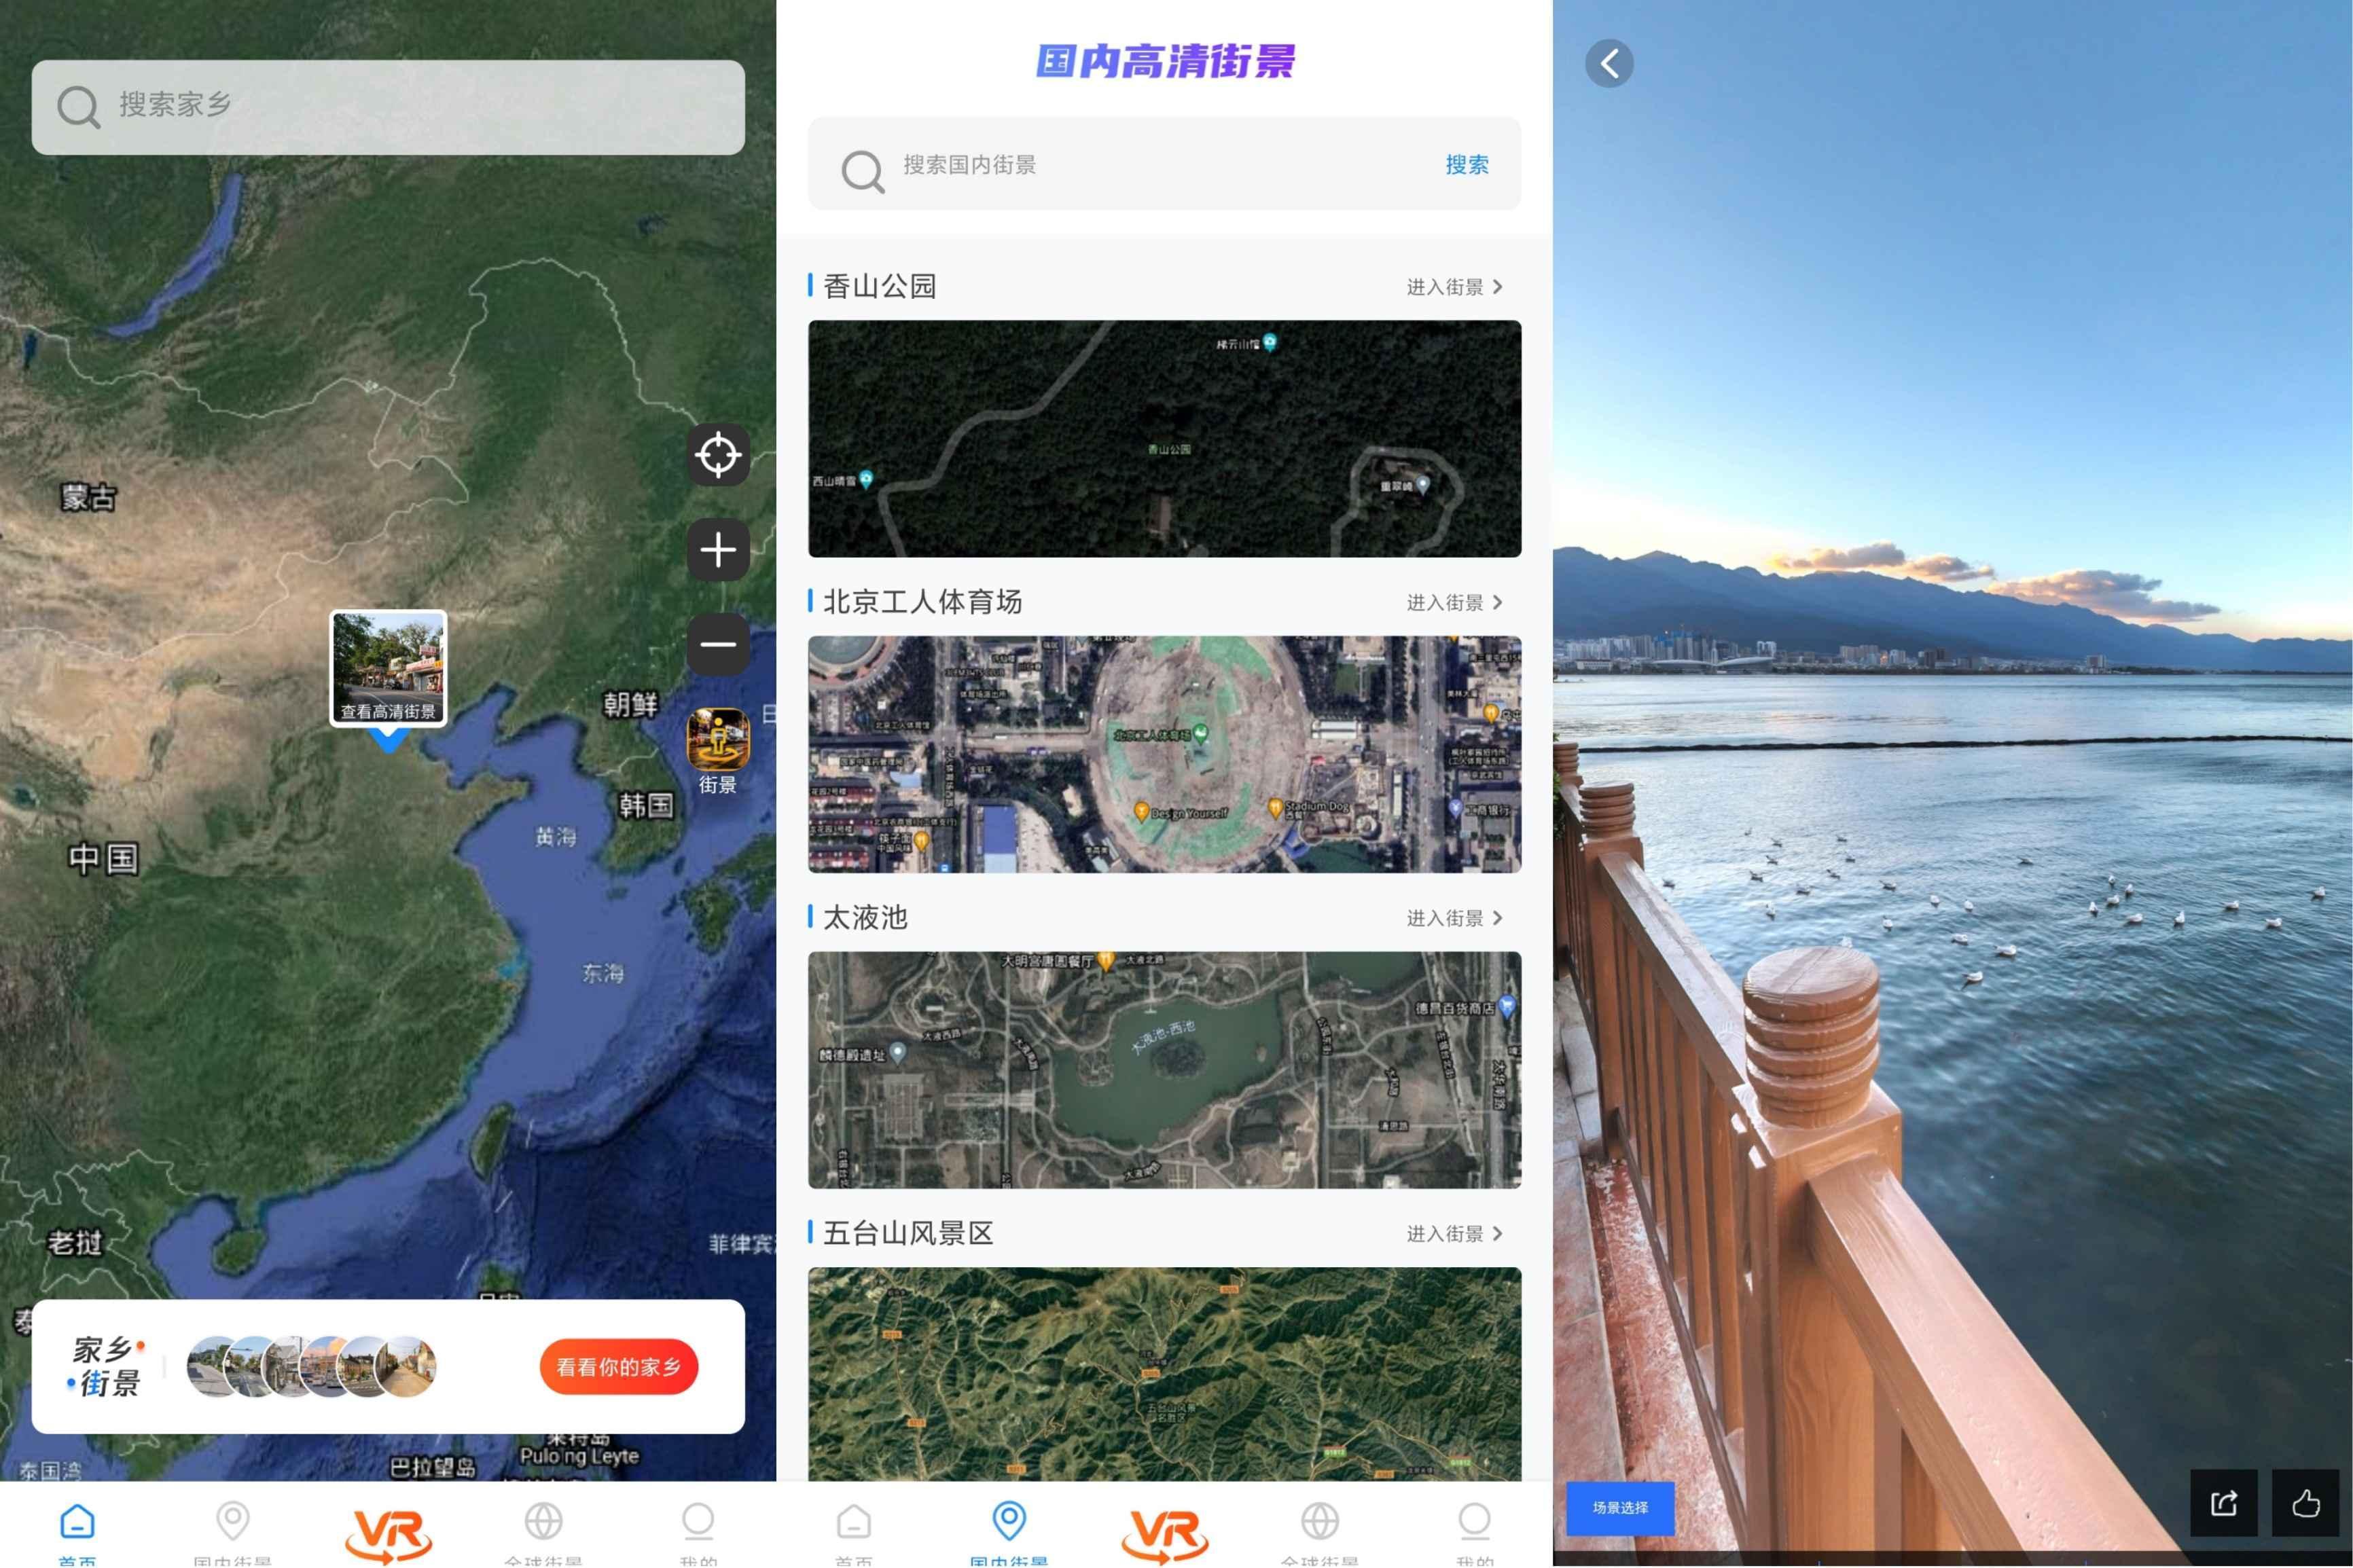 全球高清街景优化版截图1